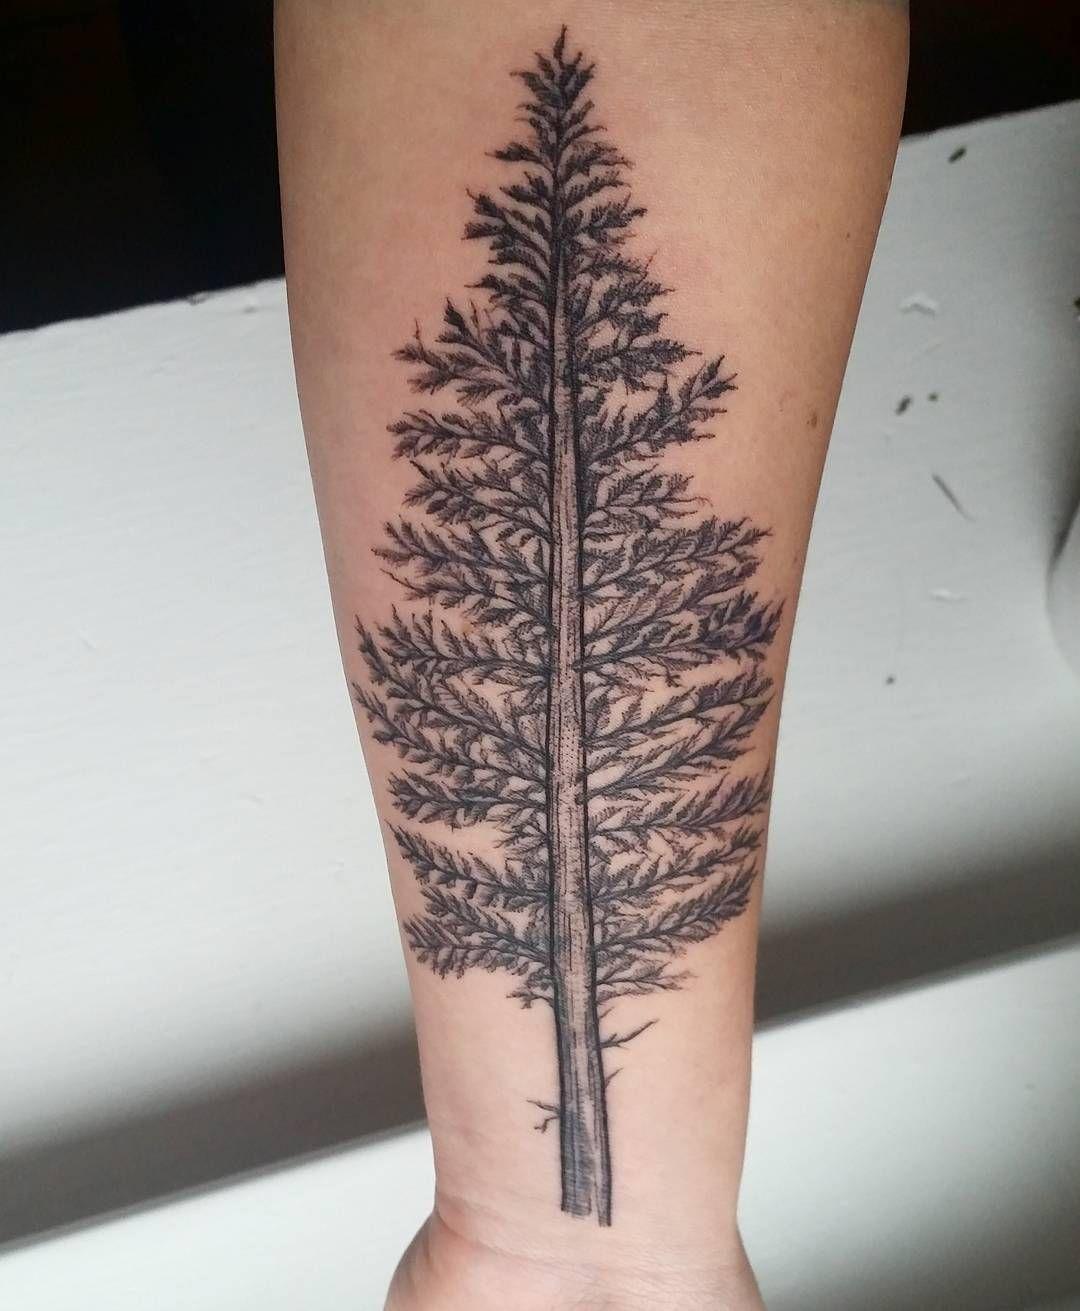 (1080×1311) Pine tree tattoo